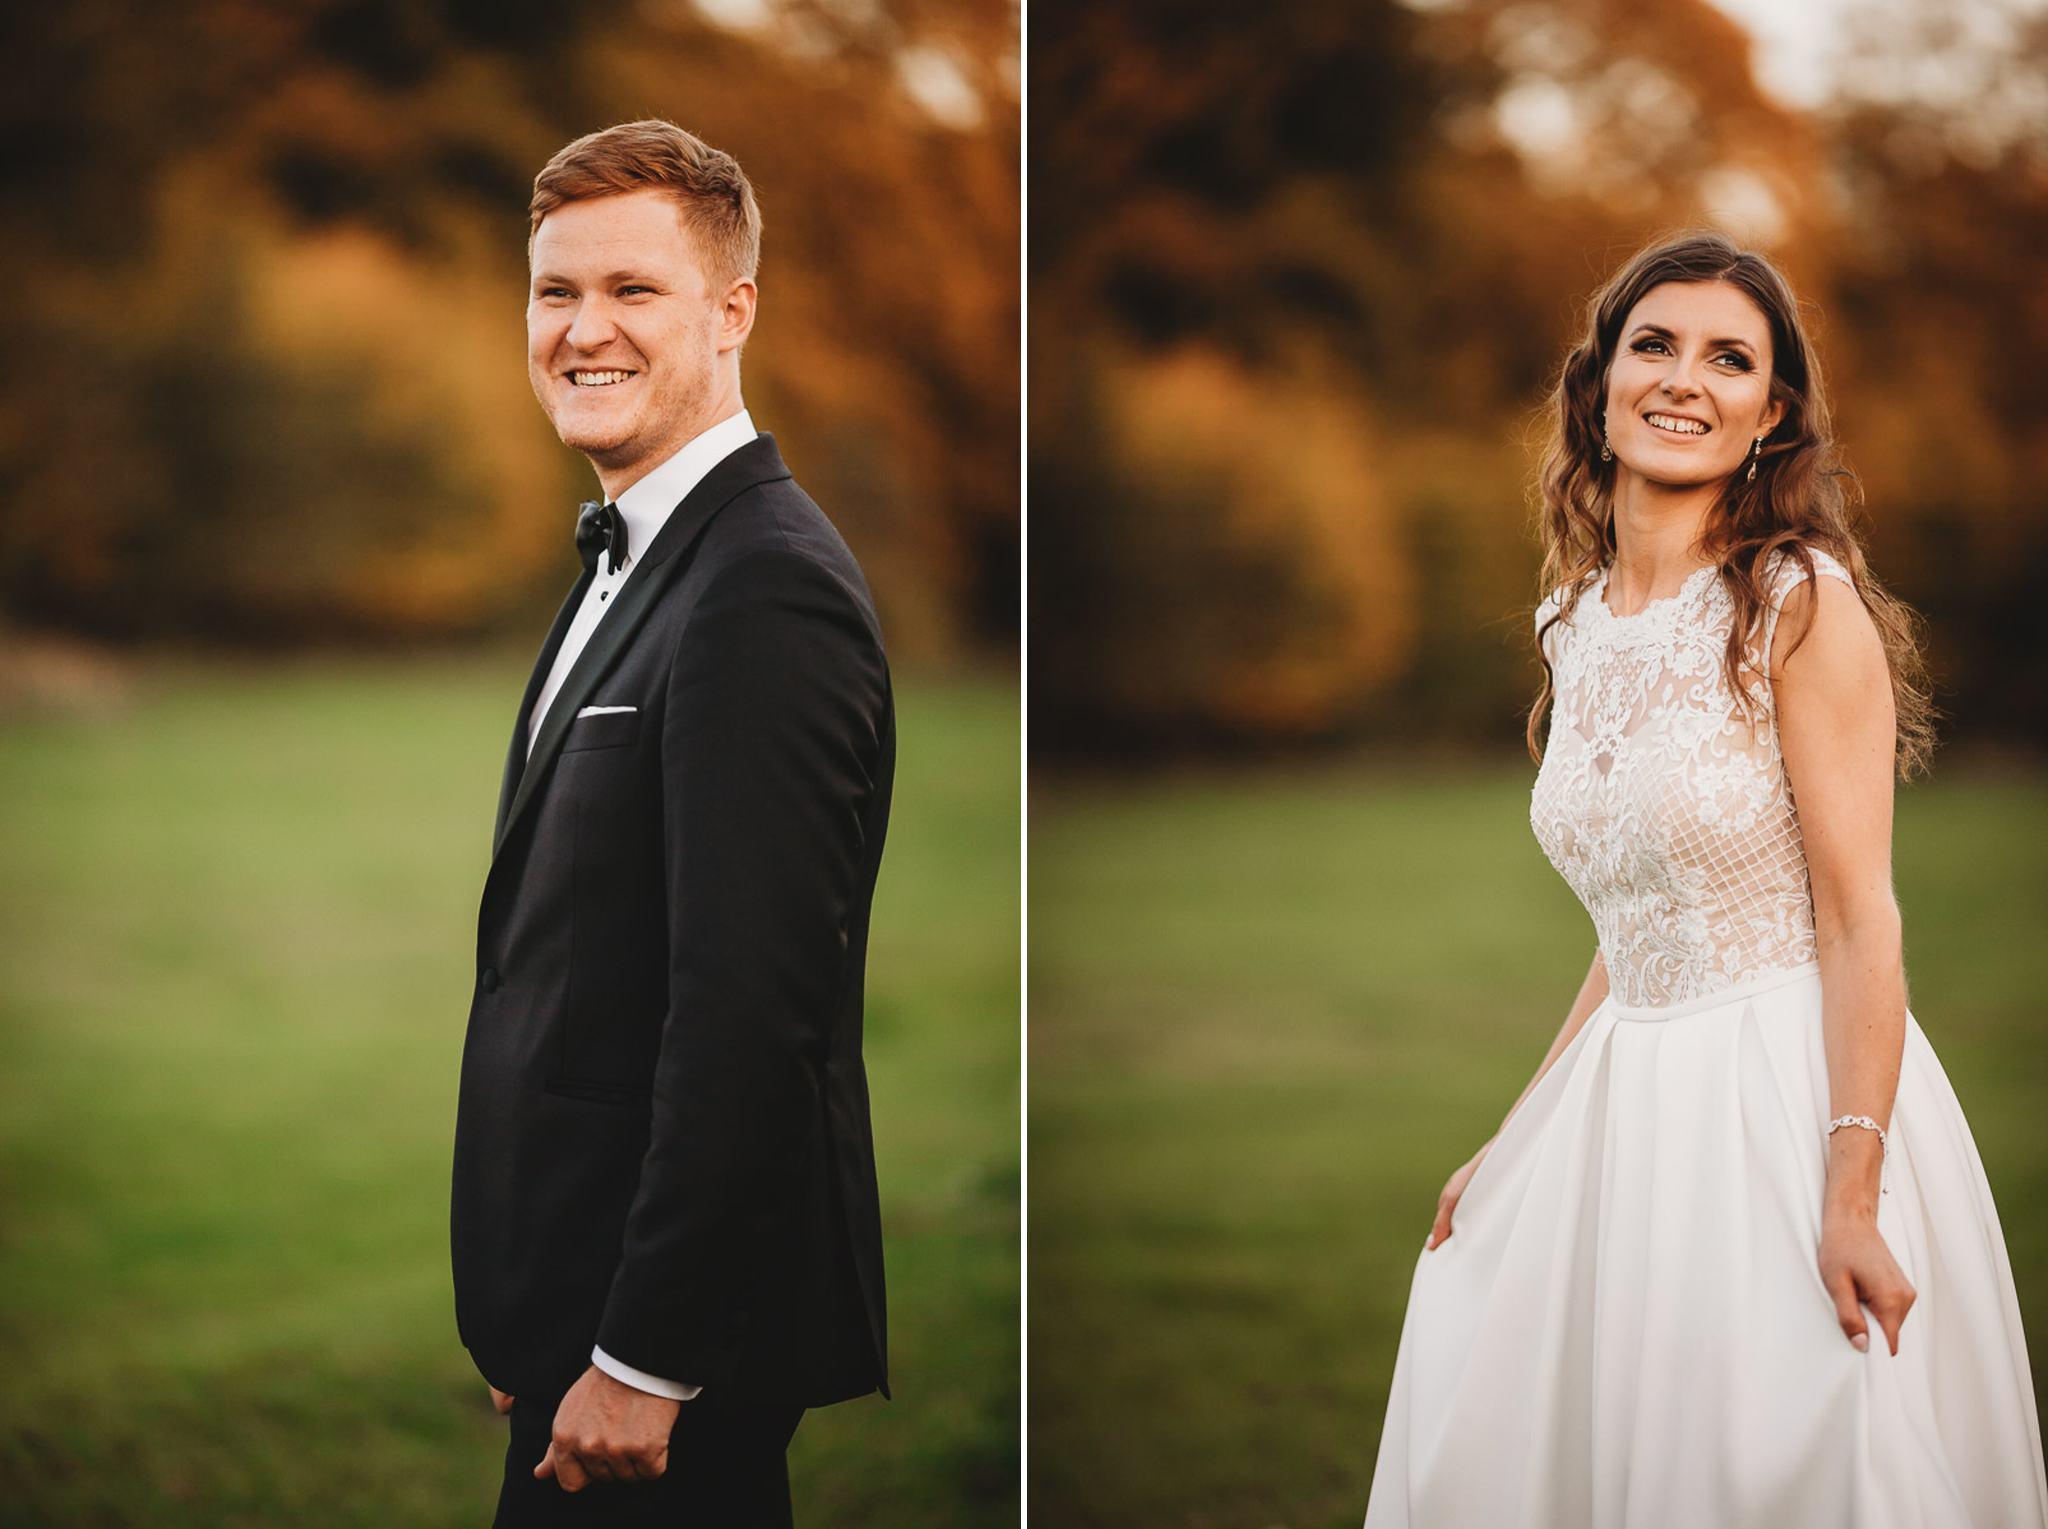 Dorota i Tomasz-wesele Hotel Kristoff Kalisz, sesja ślubna w Lubiążu 537